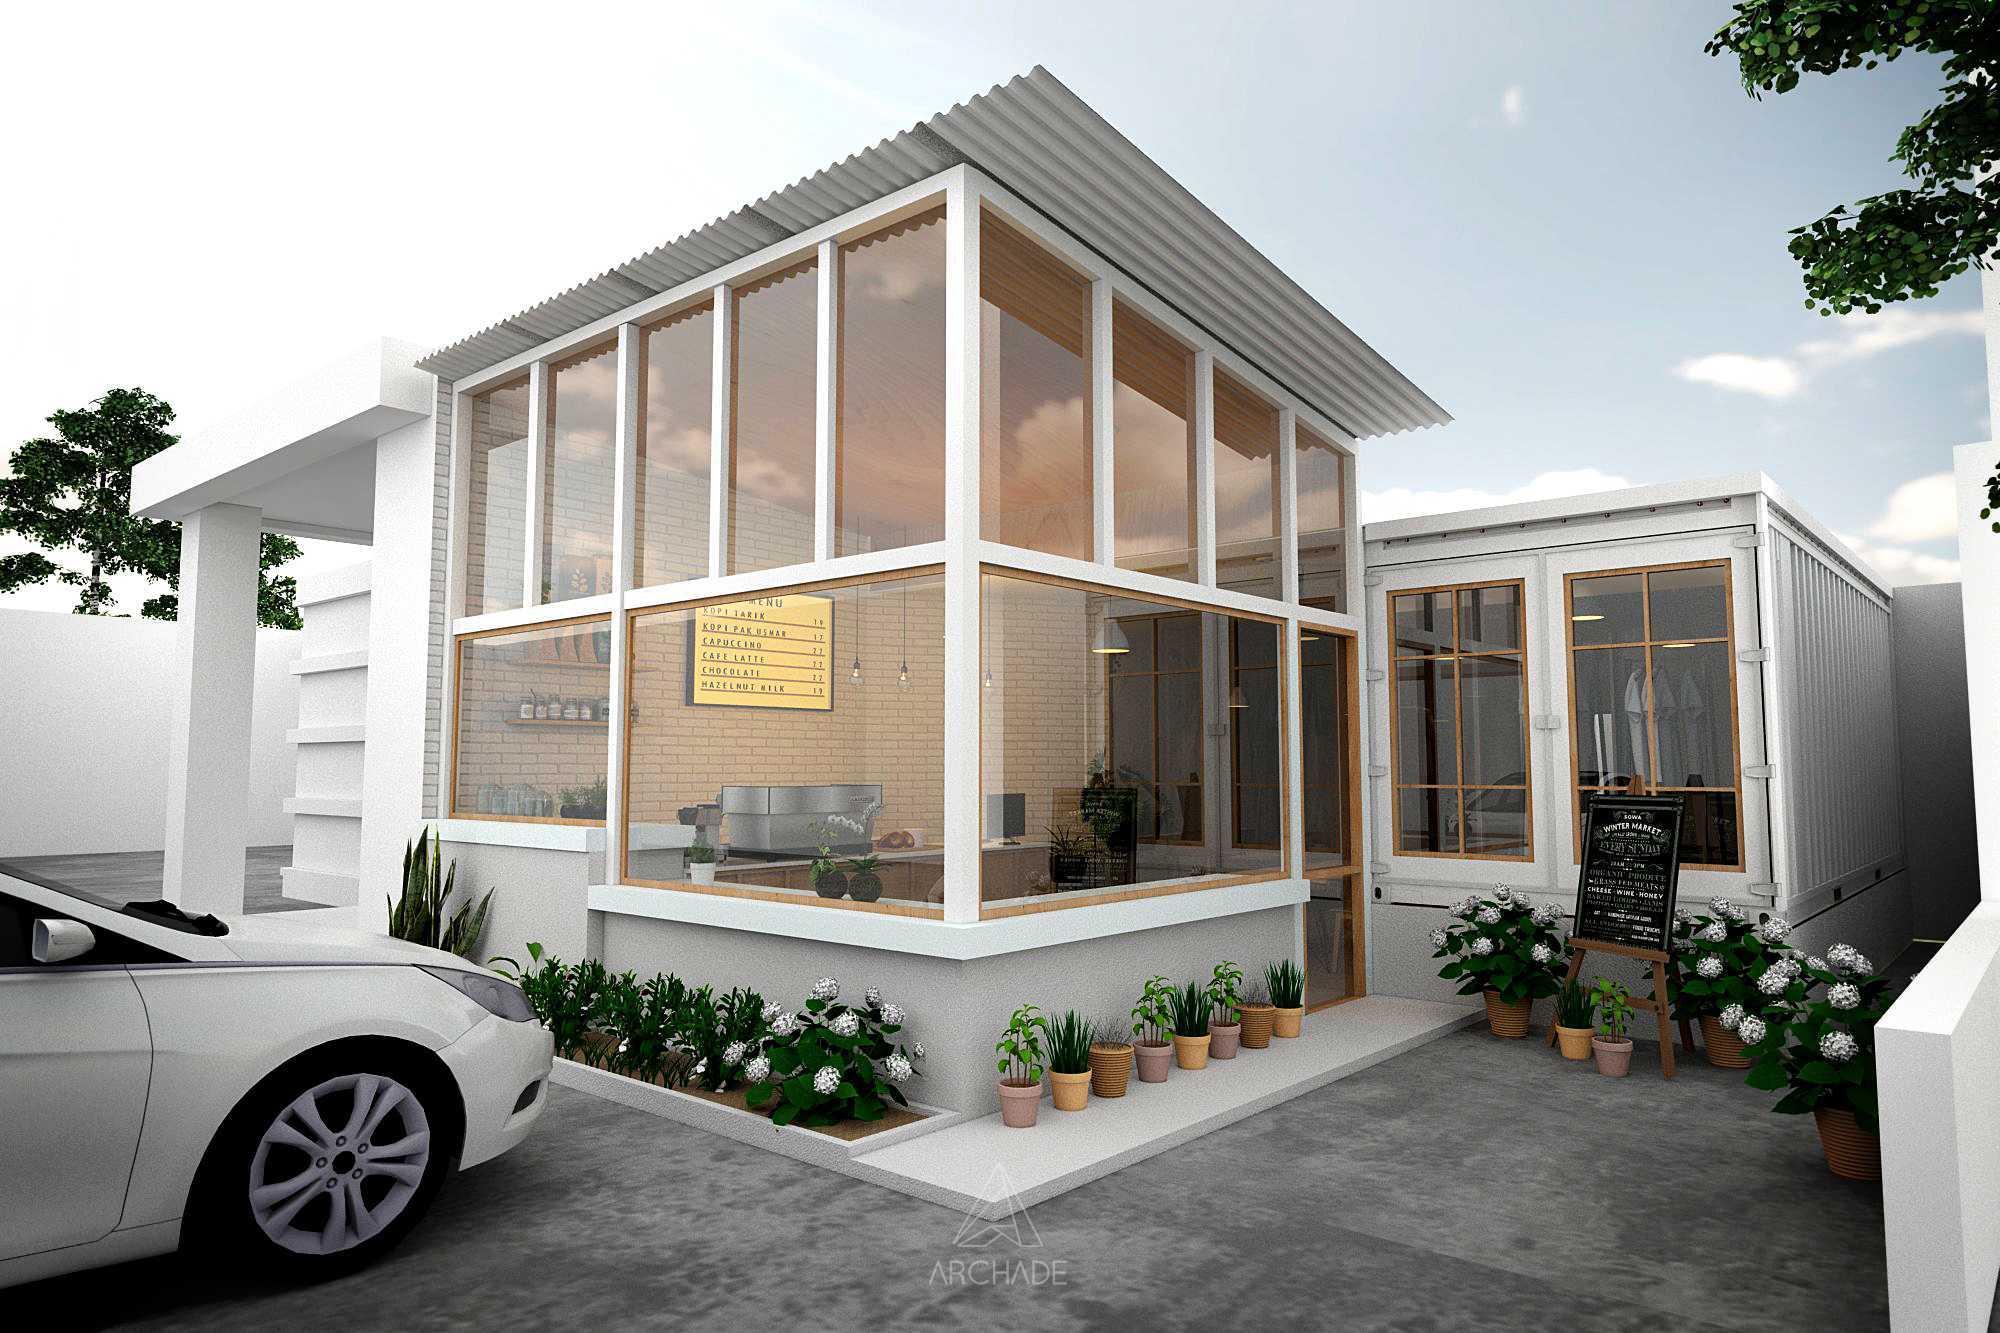 Design Archade Clapper Movie Cafe Semarang, Kota Semarang, Jawa Tengah, Indonesia Semarang, Kota Semarang, Jawa Tengah, Indonesia Clapper Movie Cafe - Outdoor Skandinavia  43489